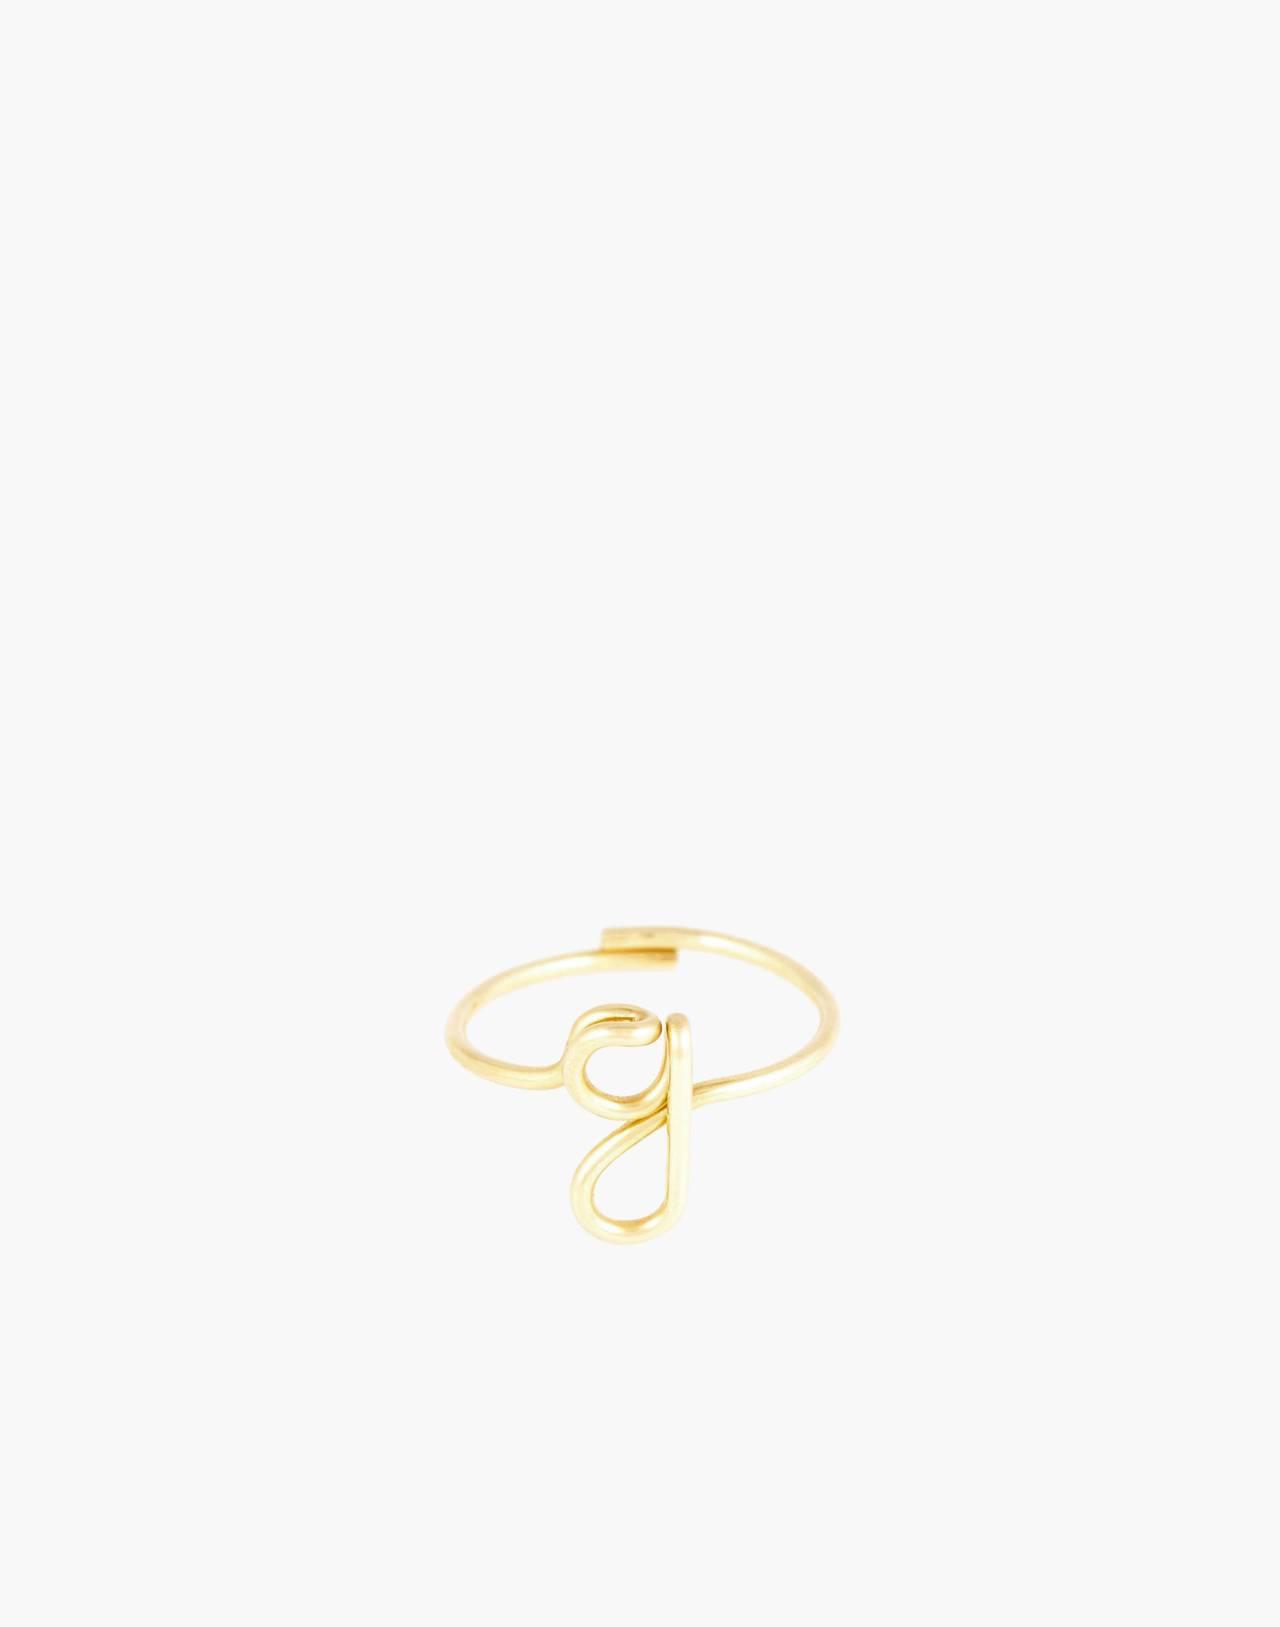 Atelier Paulin™ Poetic Letter Ring in letter g image 1